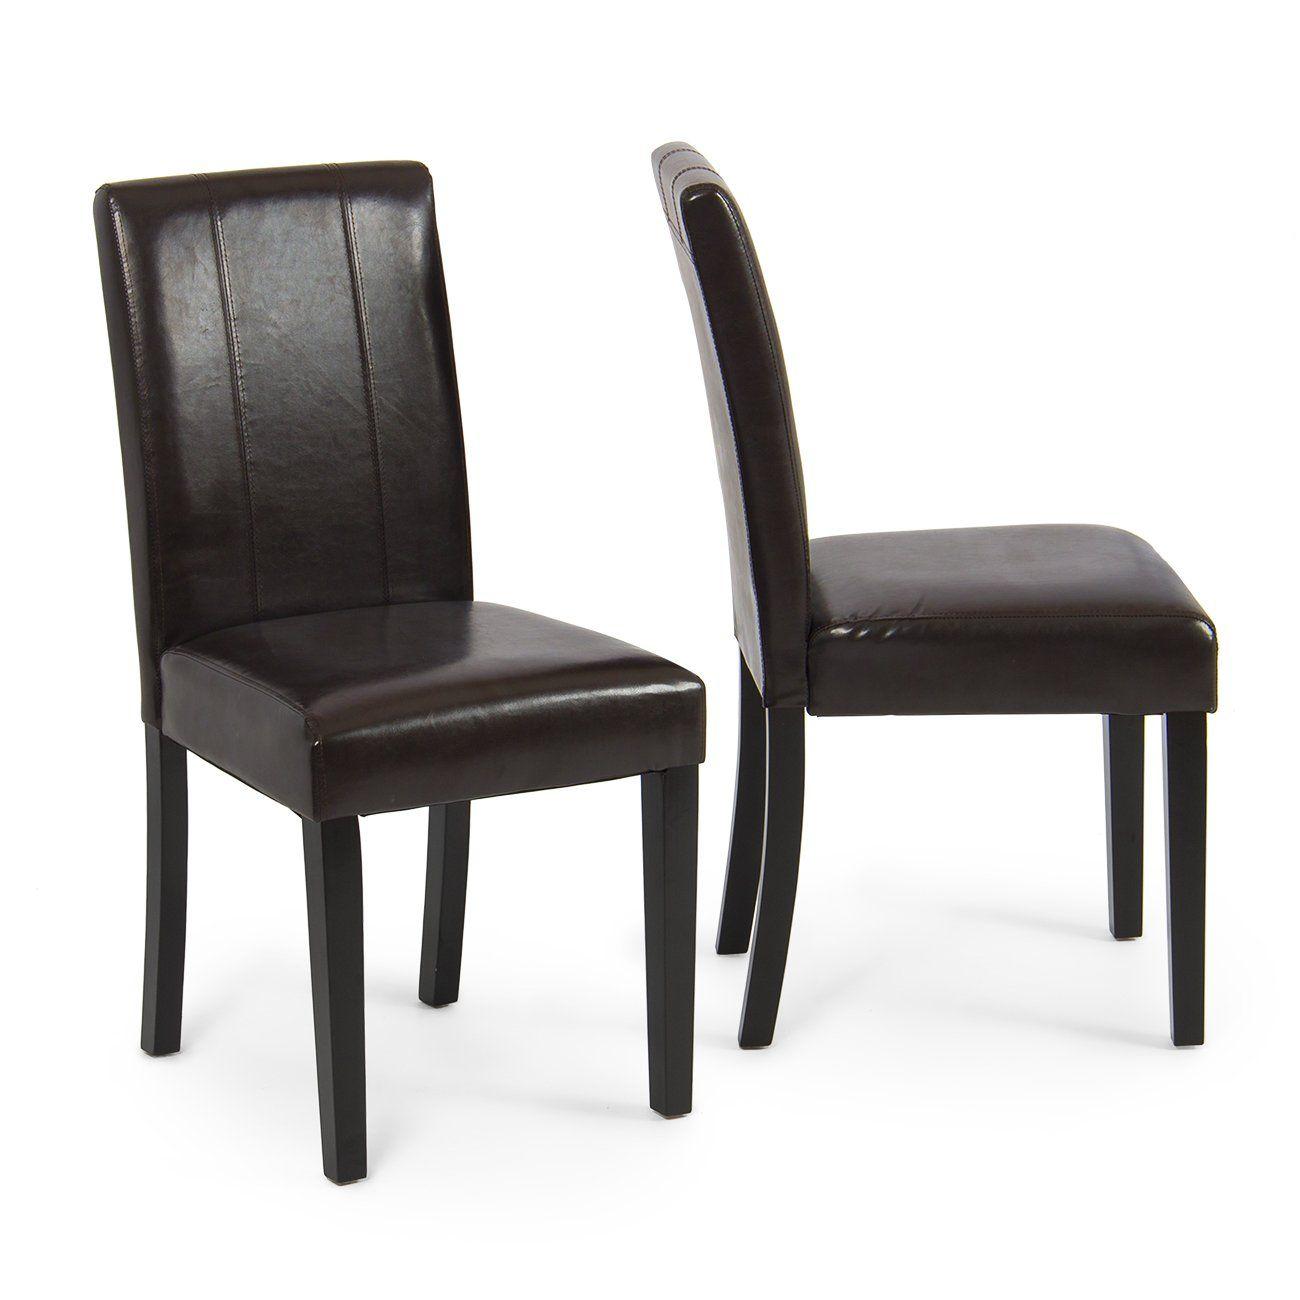 Belleze Elegant Kitchen Dinette Dining Room Chair Design Leather Backrest Set Of 2 Brown You Can Find Out More De Dining Chairs Dining Room Chairs Furniture